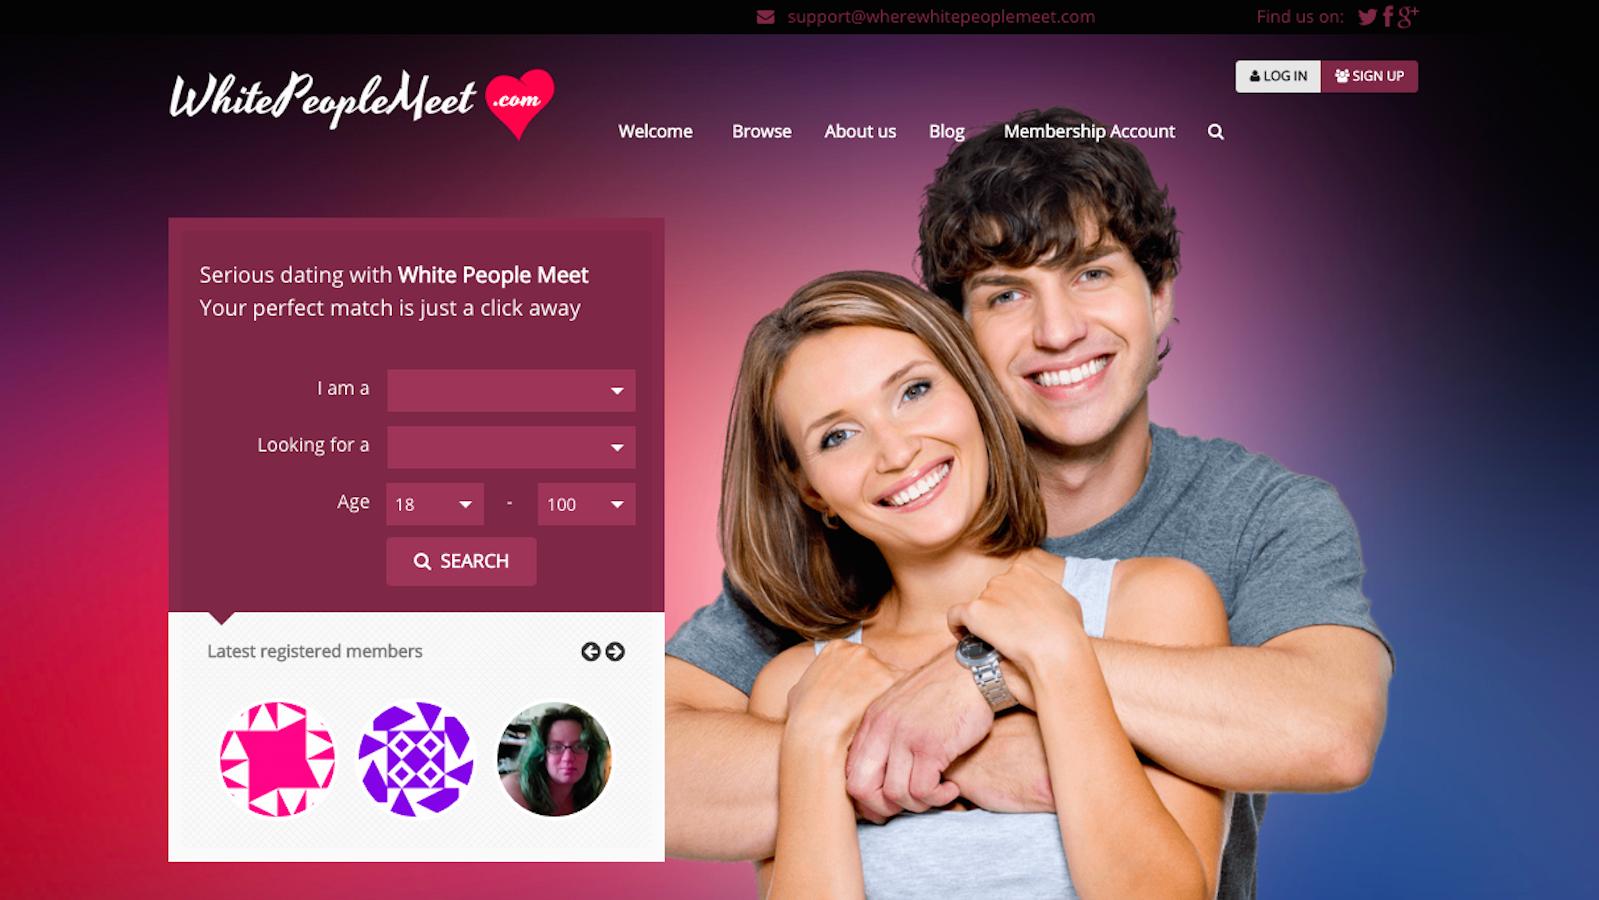 Intereconomia television en directo online dating